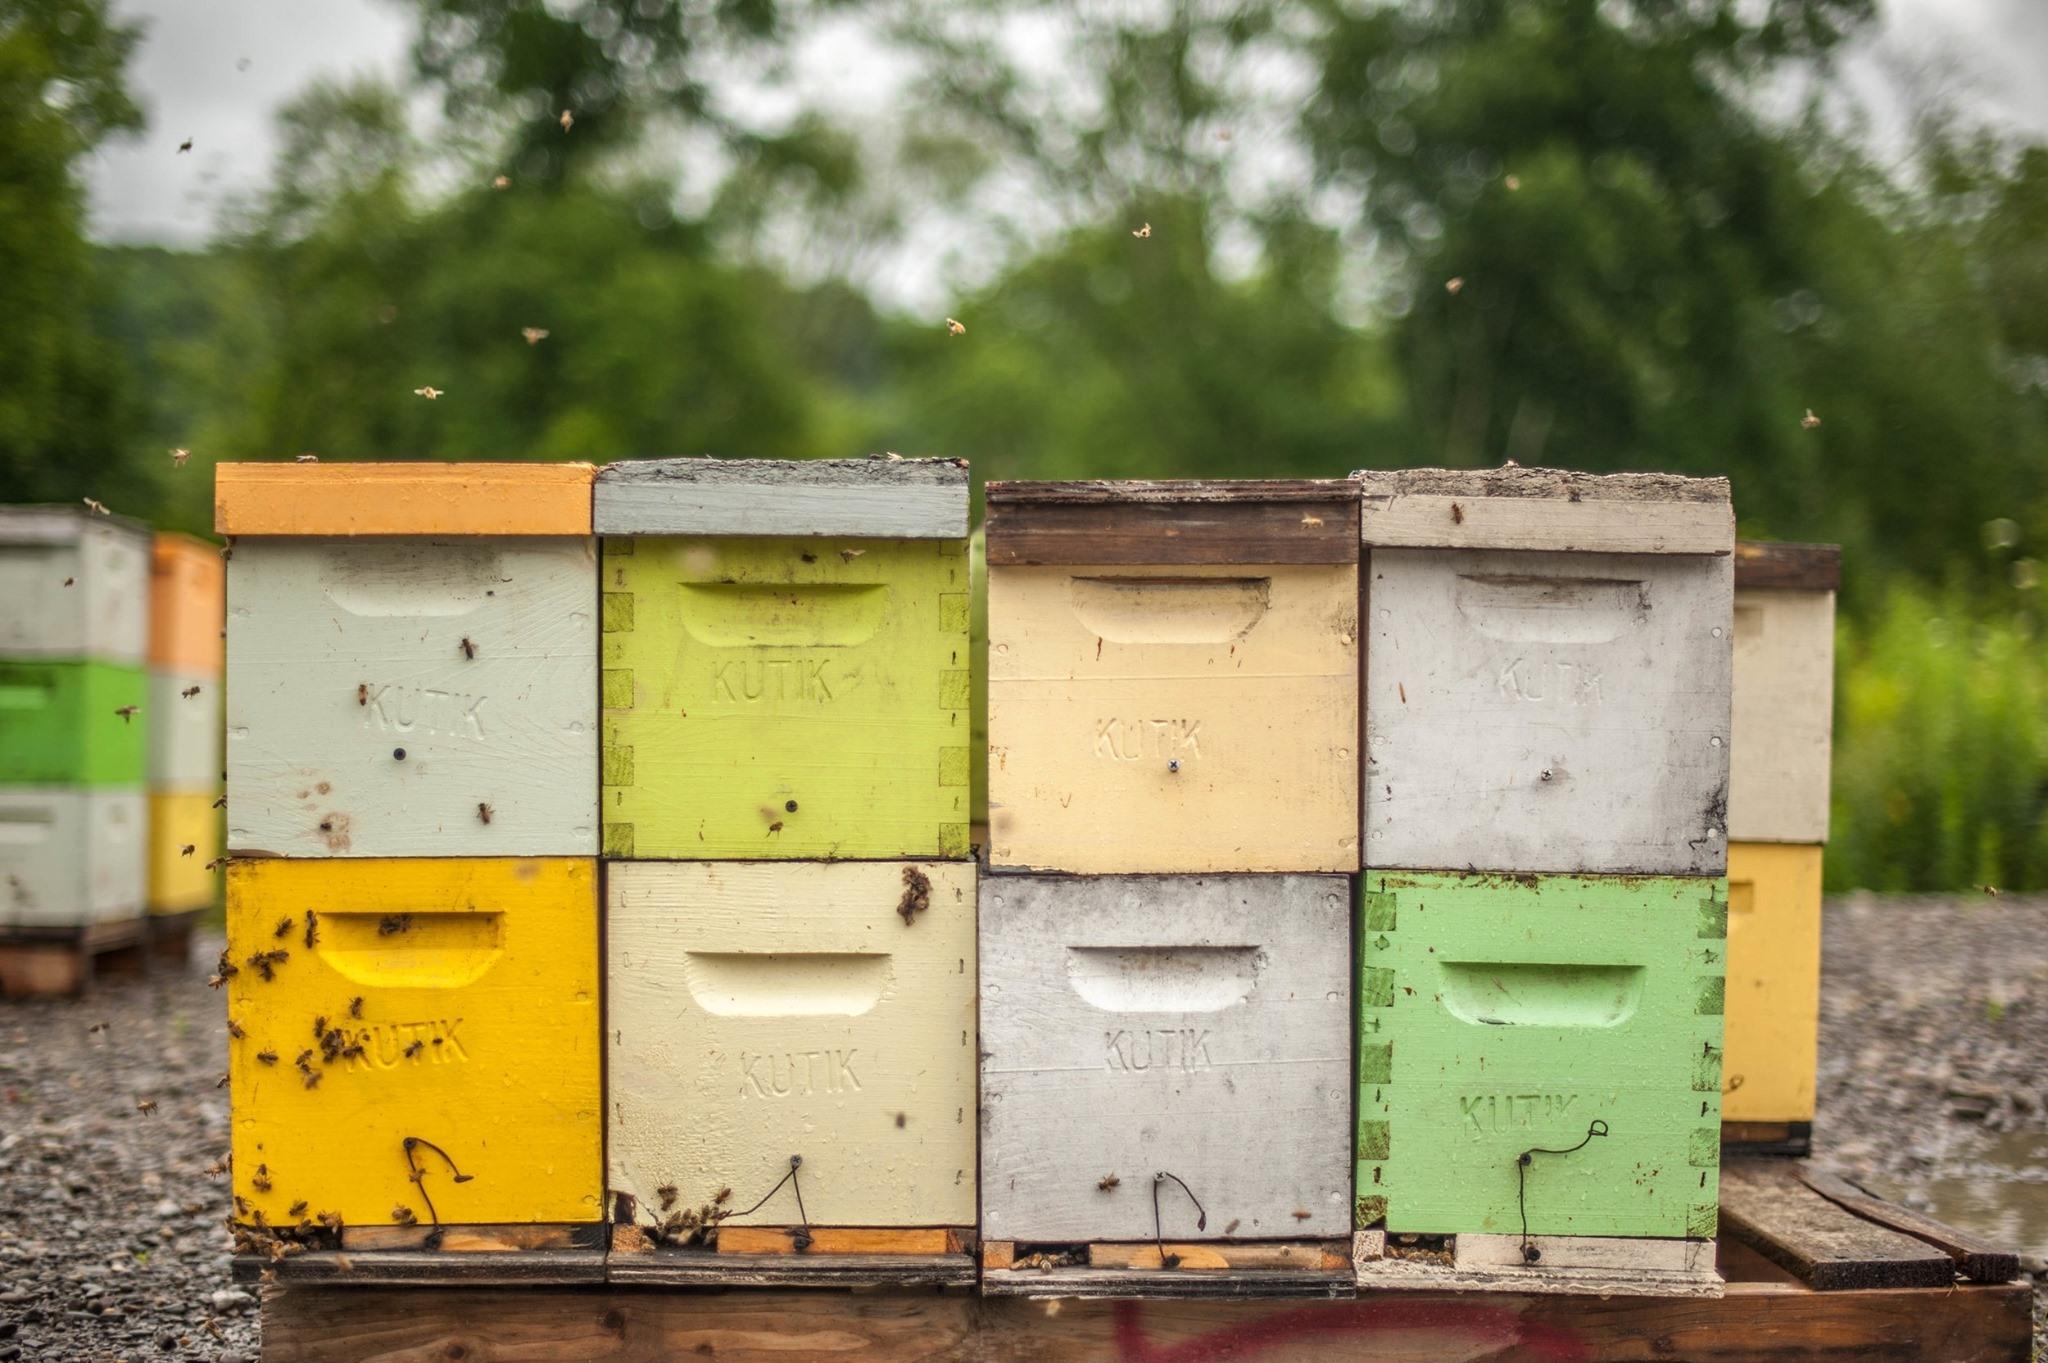 Kutik's - Beehives